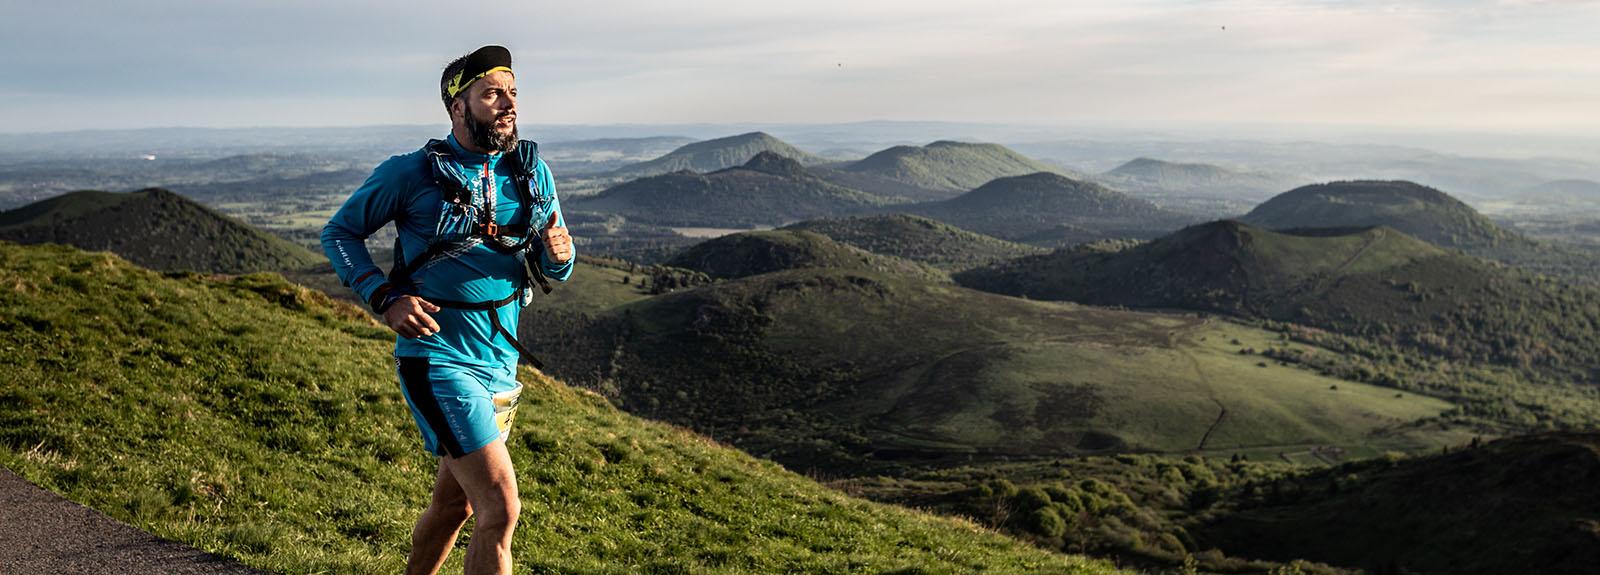 Chaîne des Puys-Faille de Limagne Experience (110km)